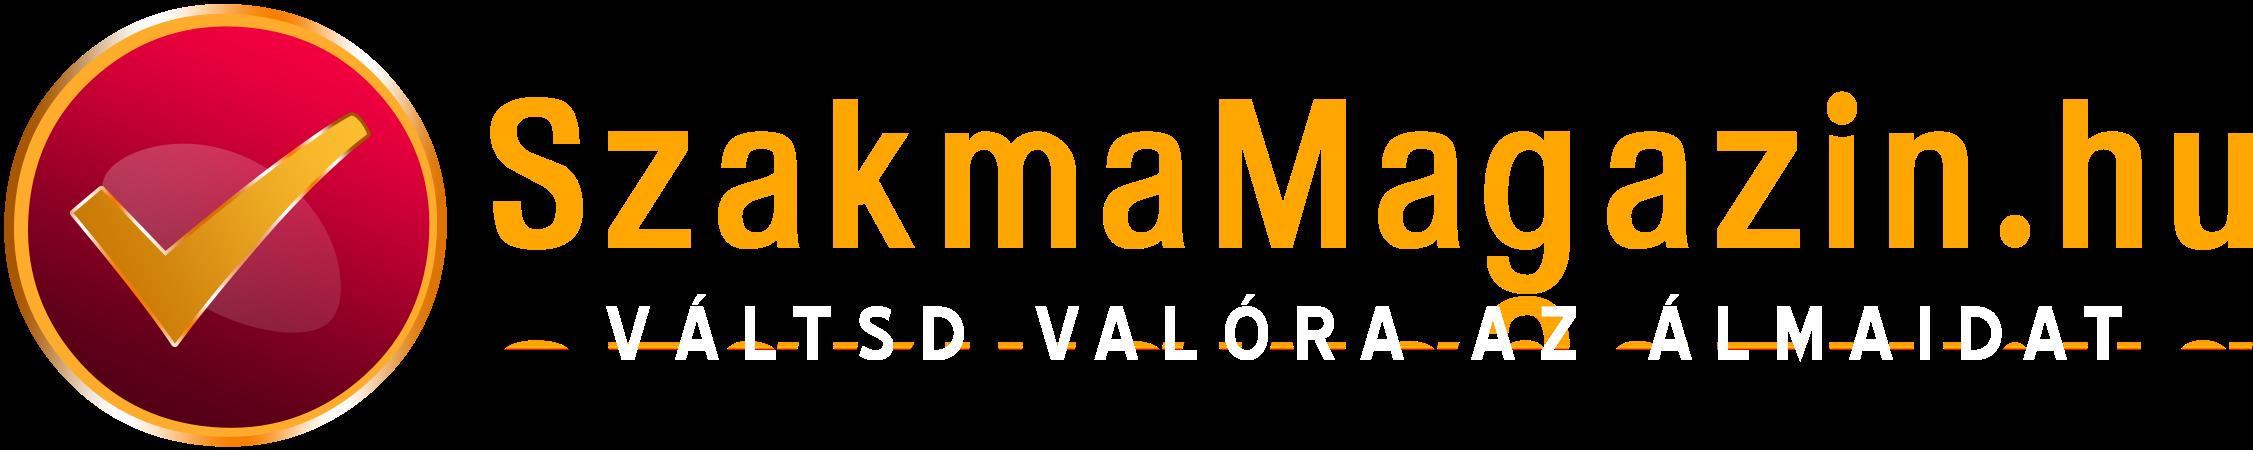 szakmamagazin_logo_nagy